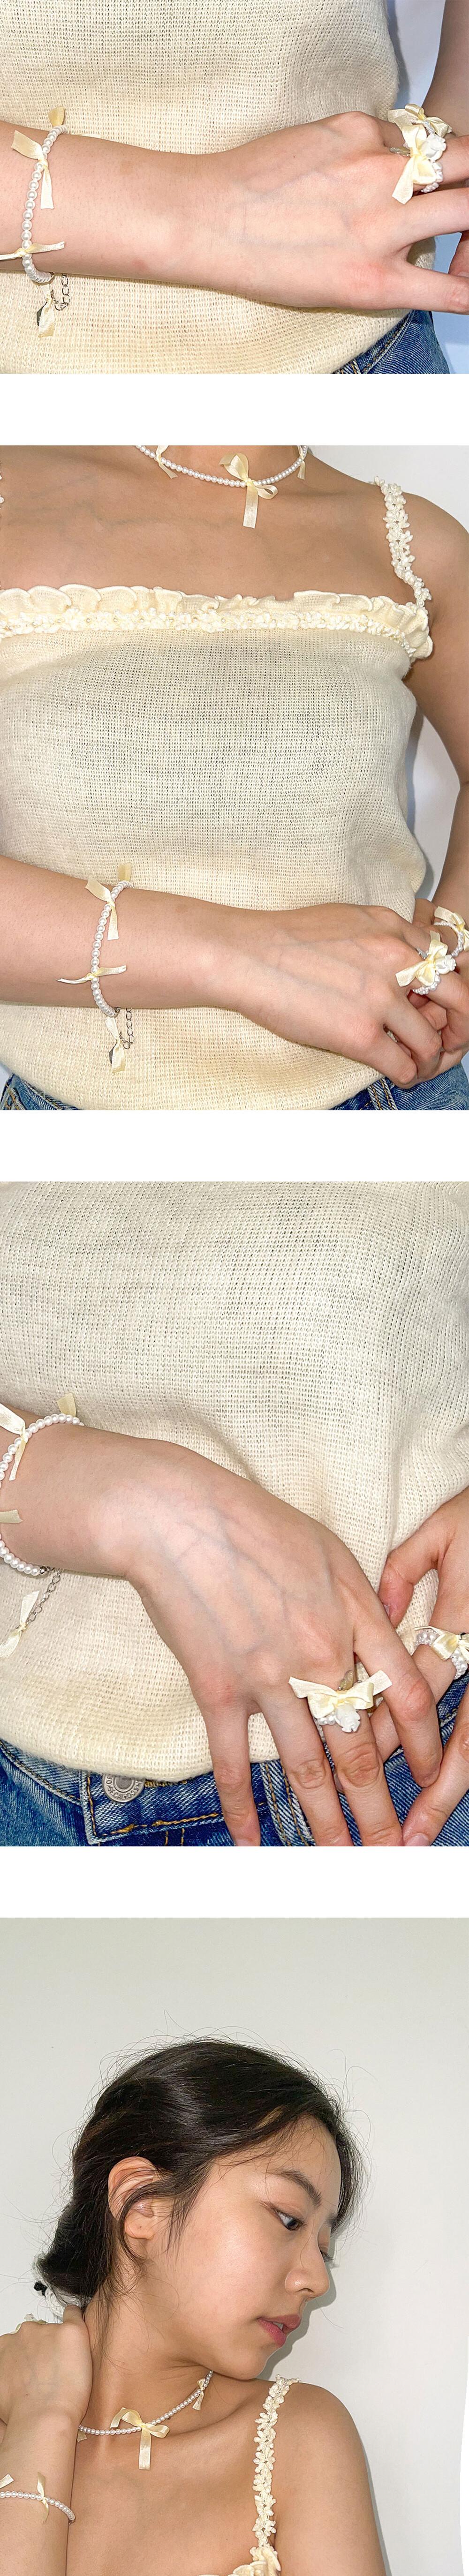 스윙셋(SWINGSET) Wish Bracelet (Cream)